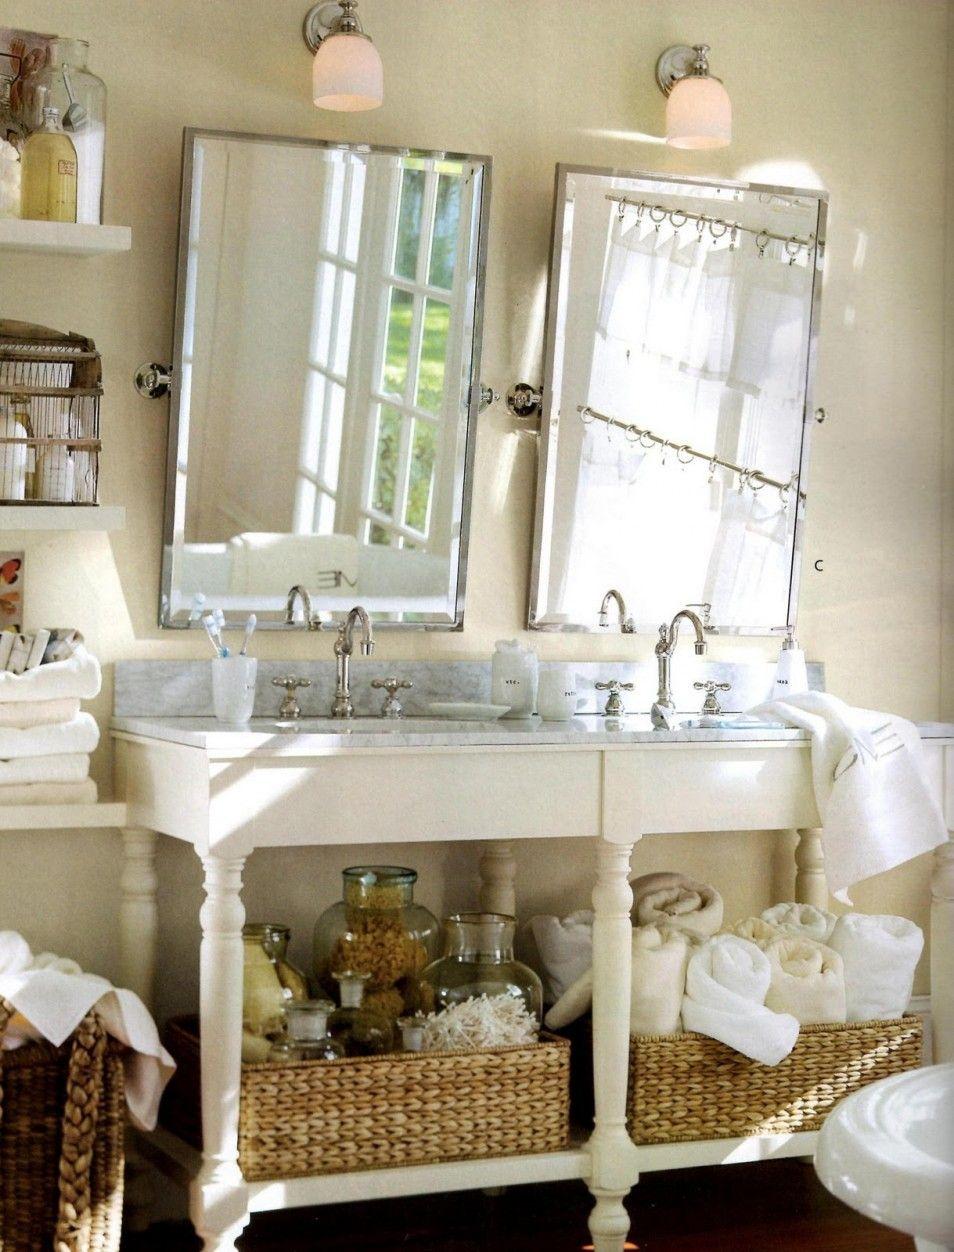 Beach Themed Bathroom For Your Home Designs Beach House Bathroom ...